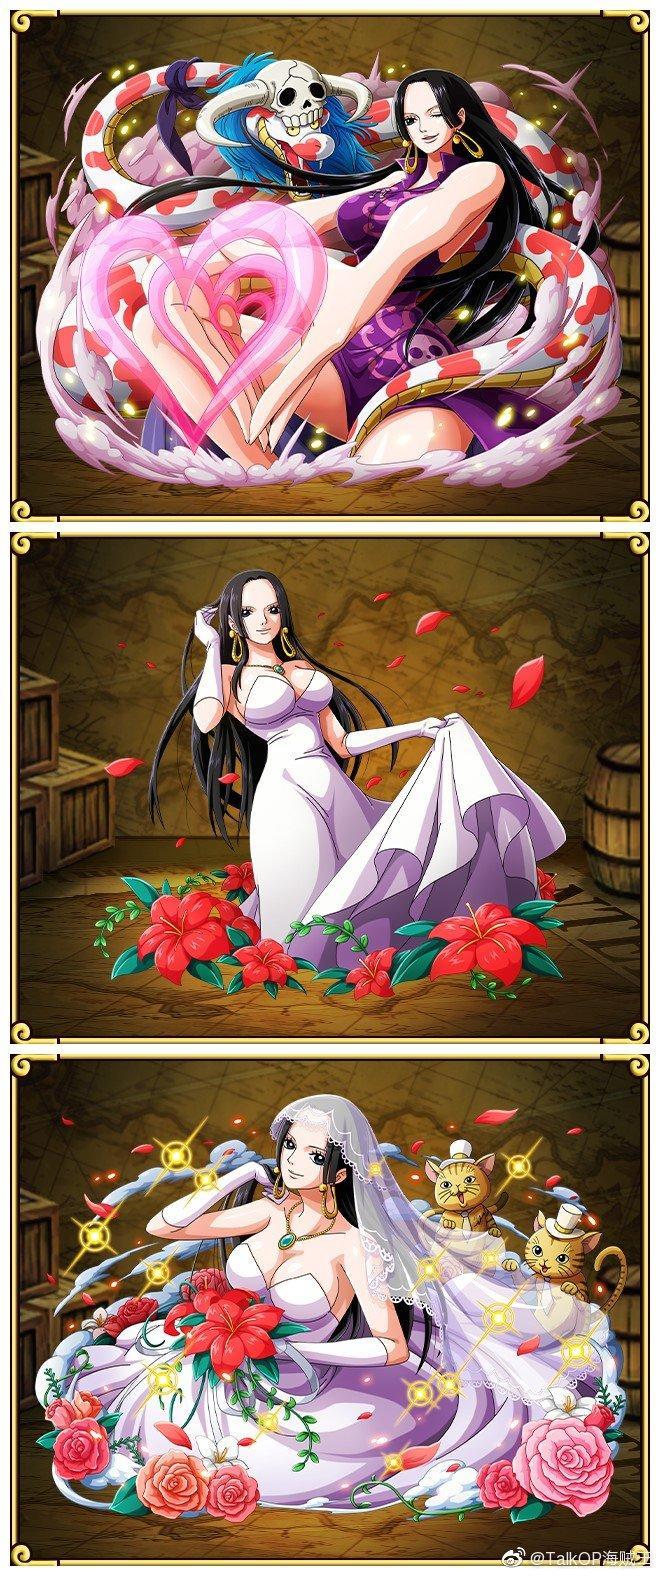 """今天9月2日海贼王中的""""世界第一美女""""女帝博雅·汉库克的生日(现年31岁)"""